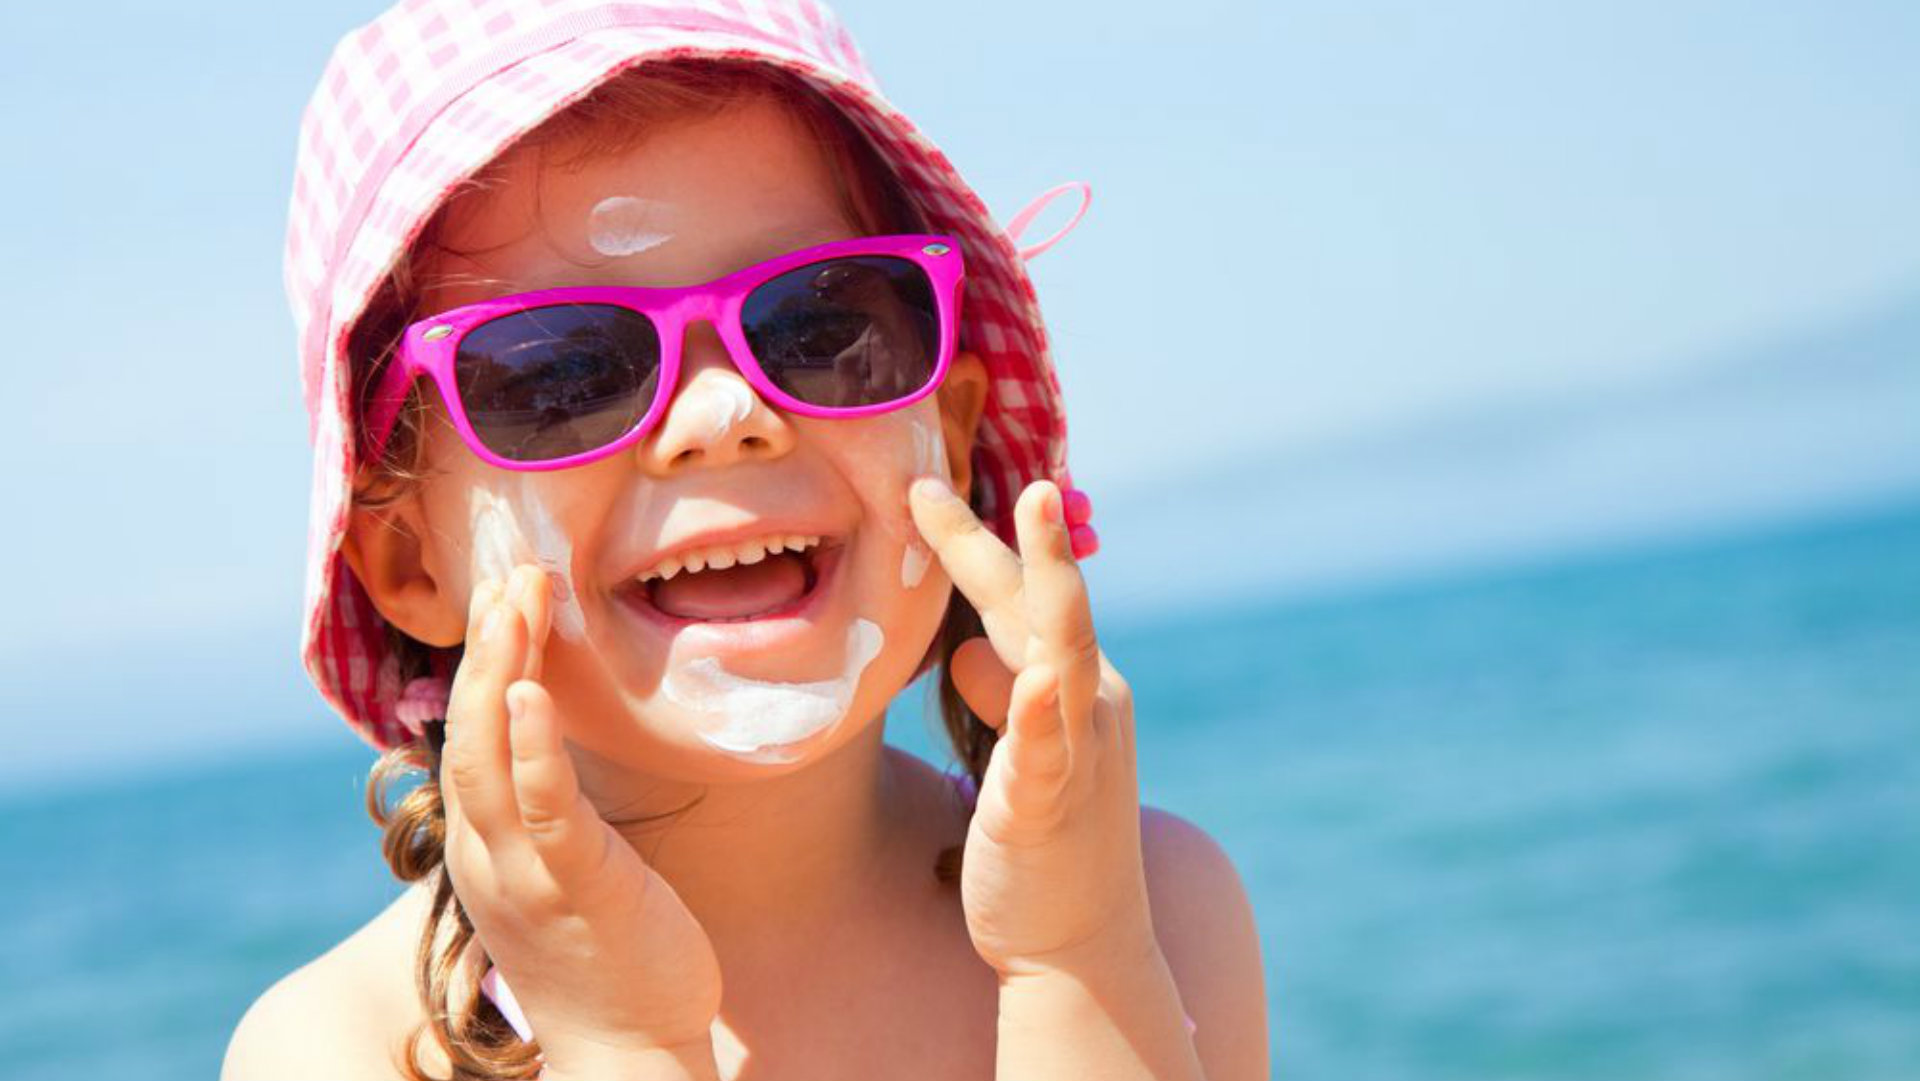 protetor solar para crianças